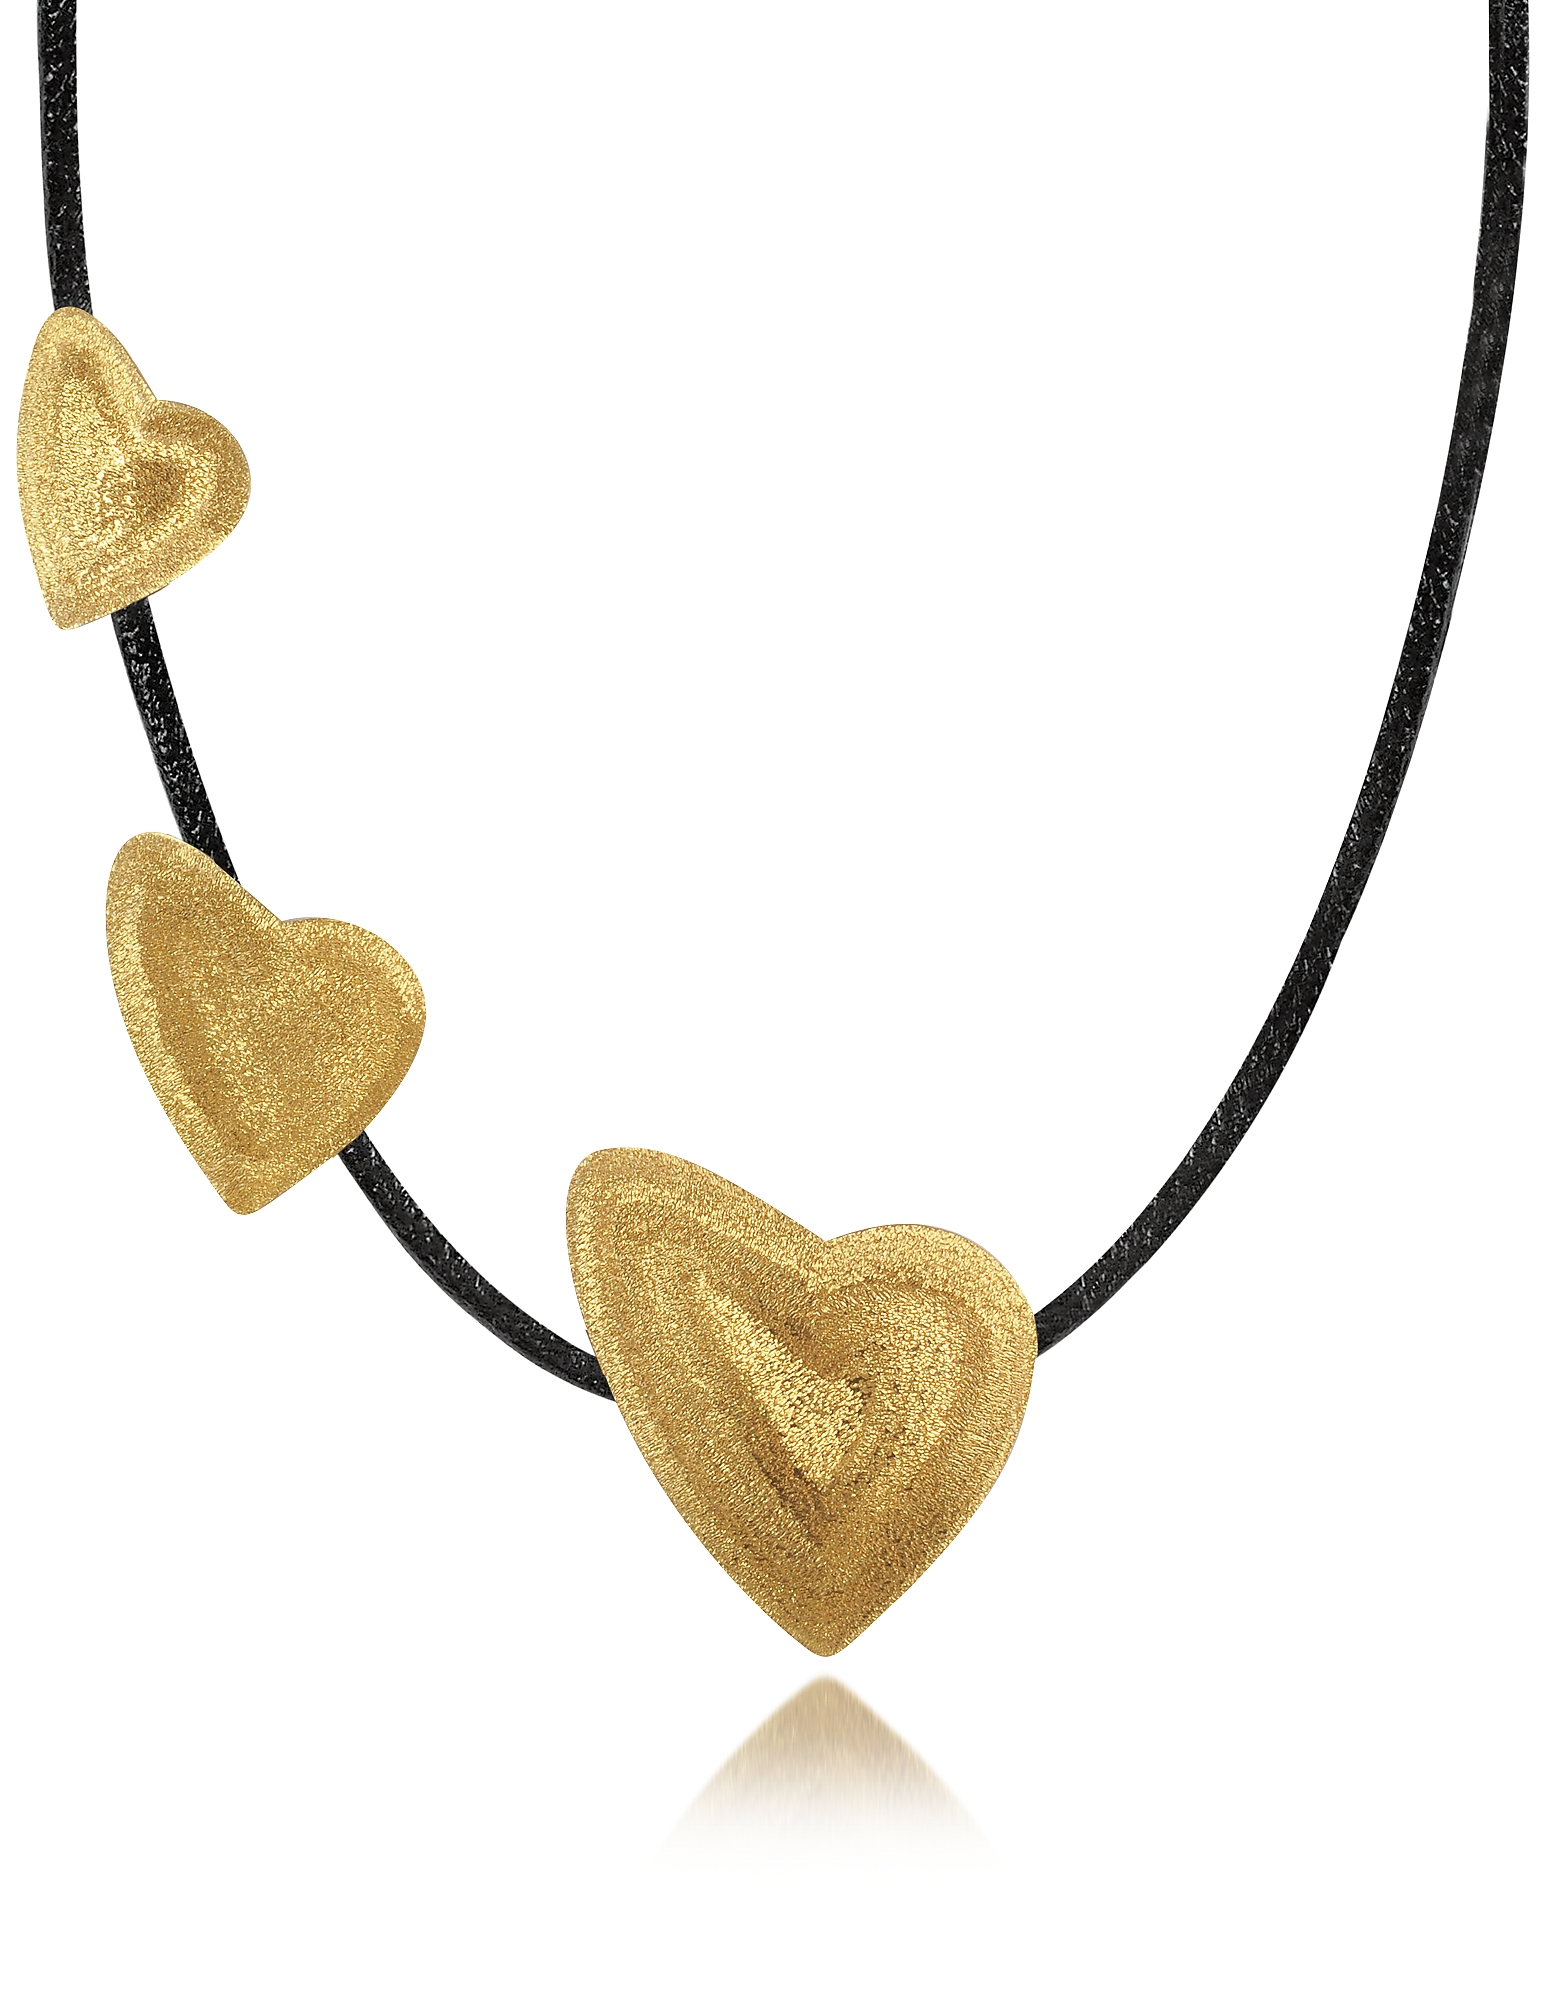 Тройная Подвеска-Сердечки из Отчеканенного Золотистого Серебра на Кожаном Шнурке